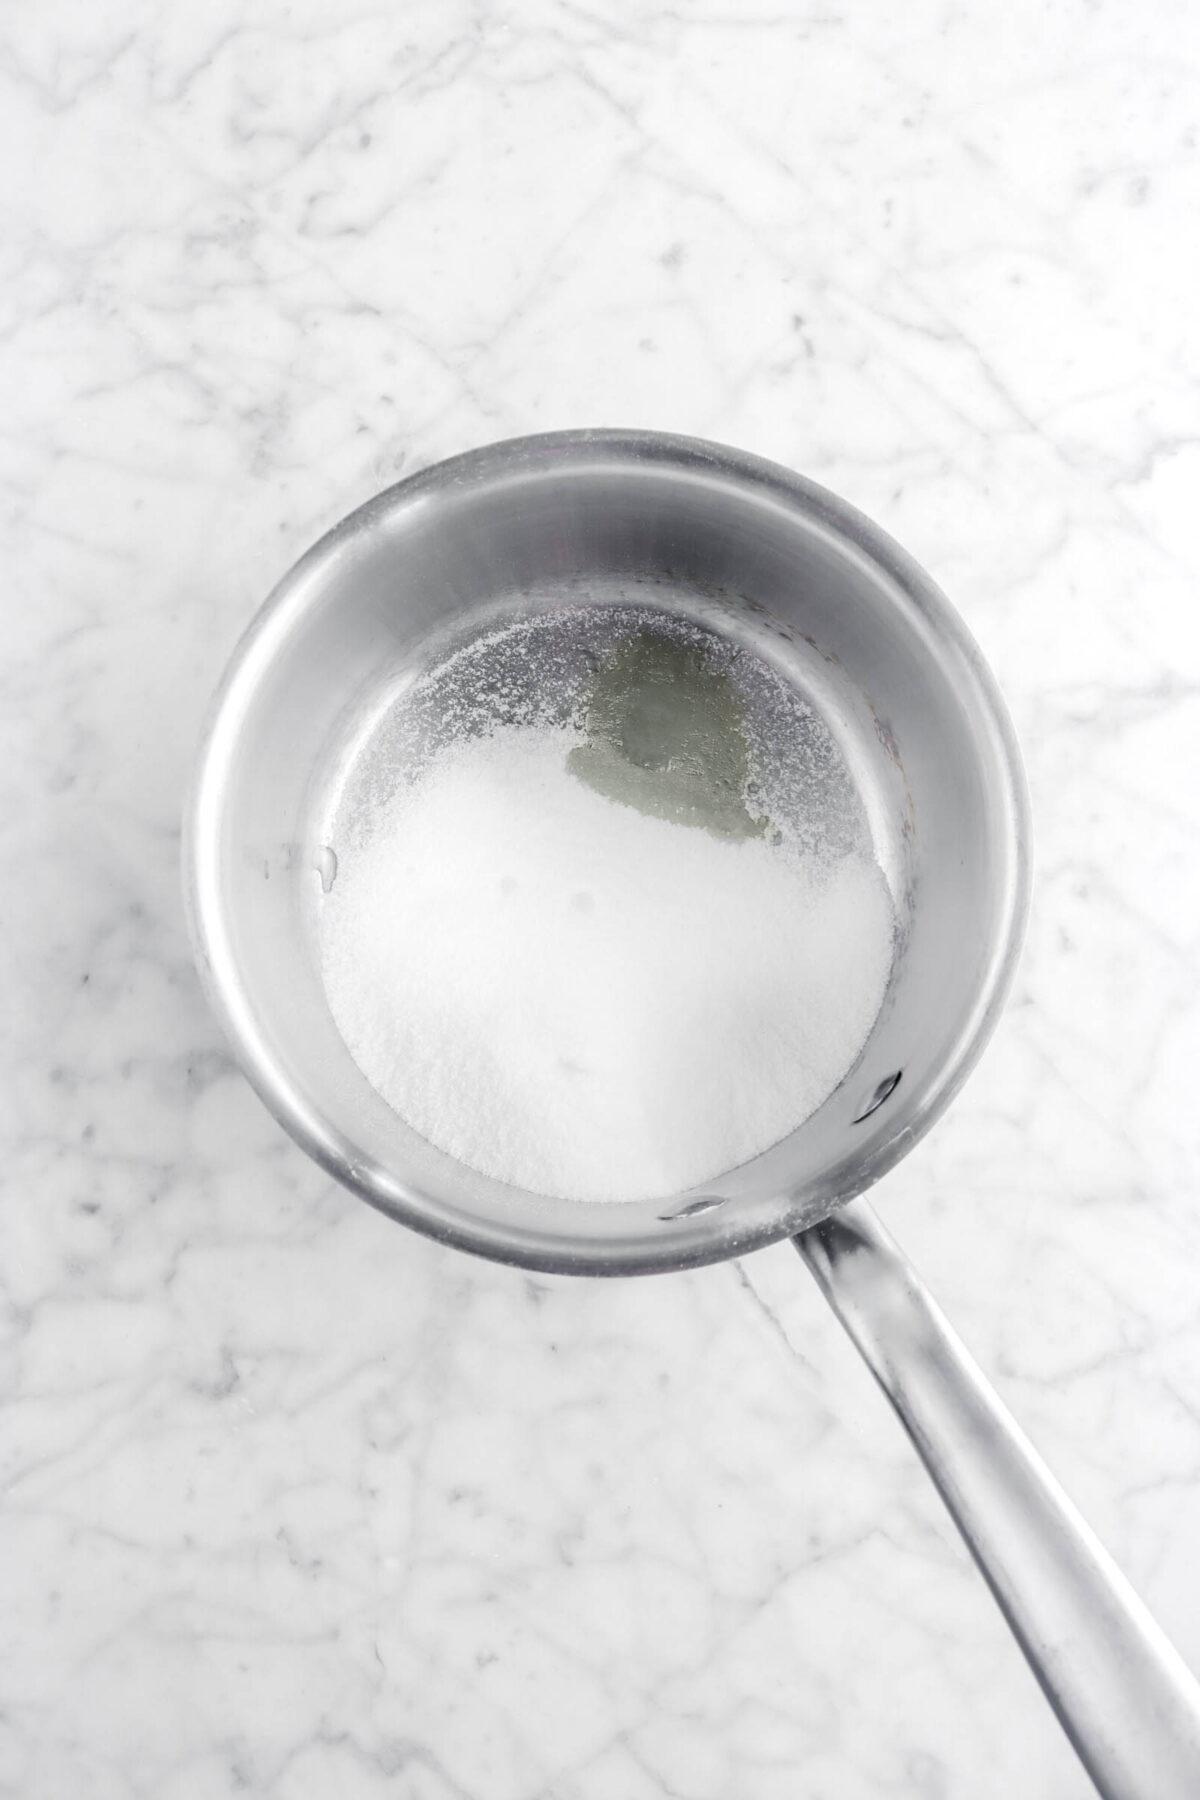 sugar and lemon juice in small pot